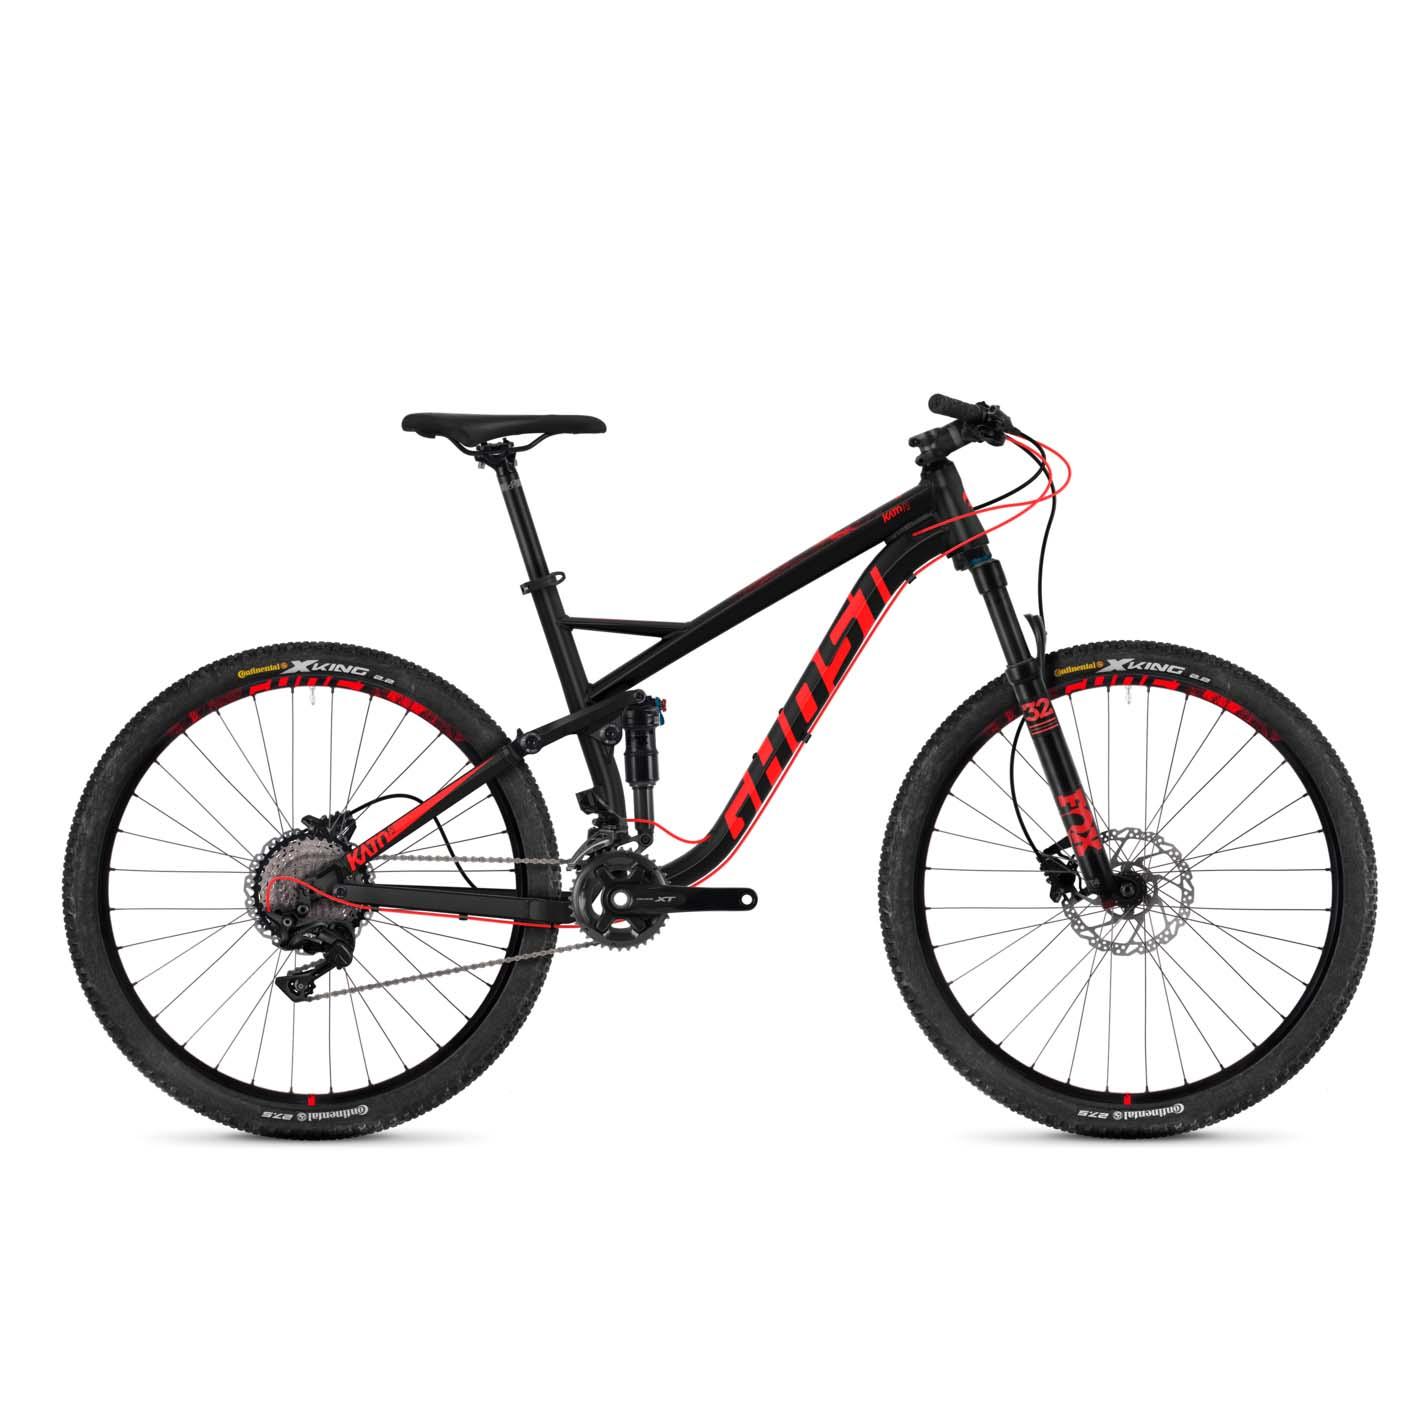 Фото Велосипед Ghost Kato FS 5.7 27.5″ , рама  M, 2019